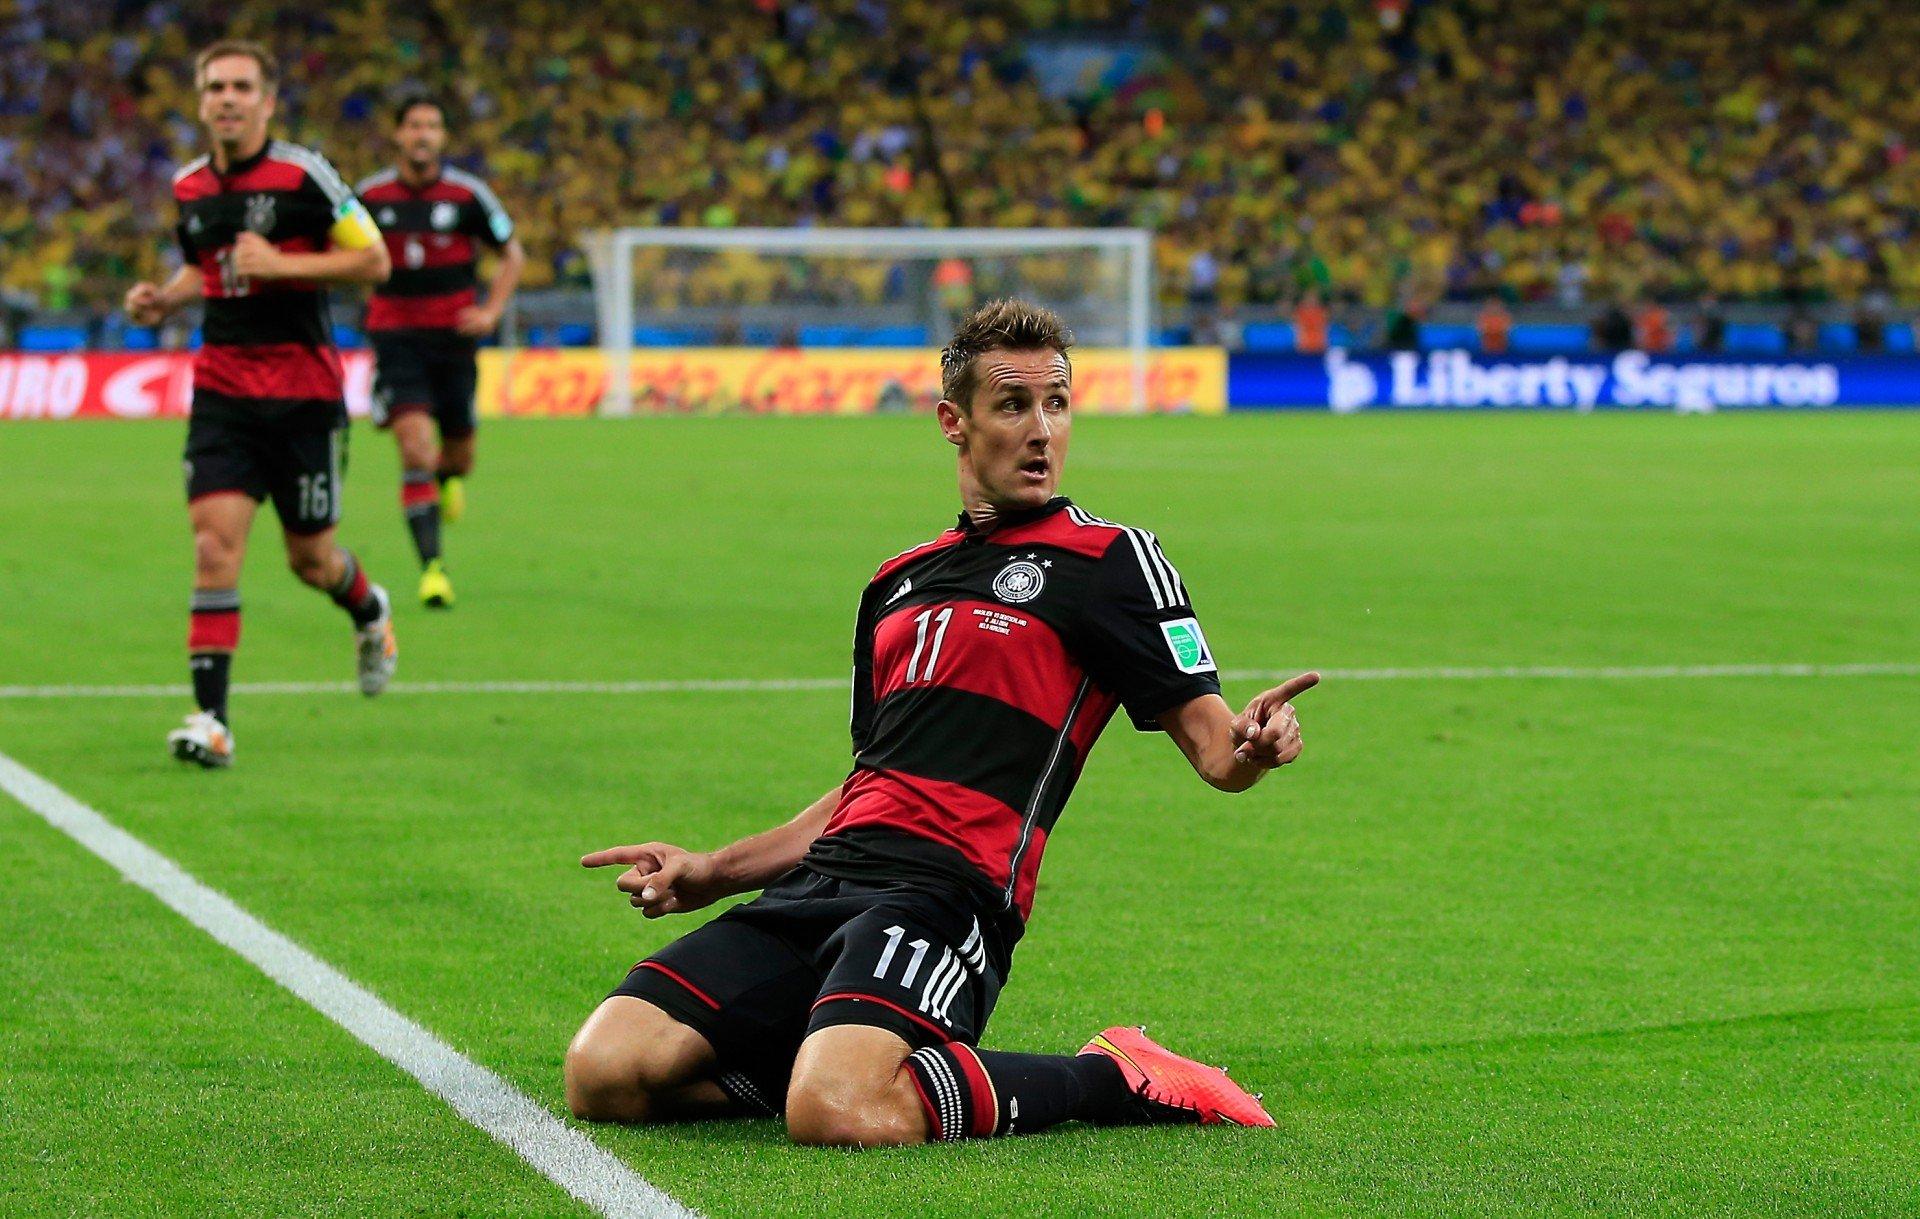 M. Klose Memecahkan Rekor Sebagai Pencetak Gol Terbanyak